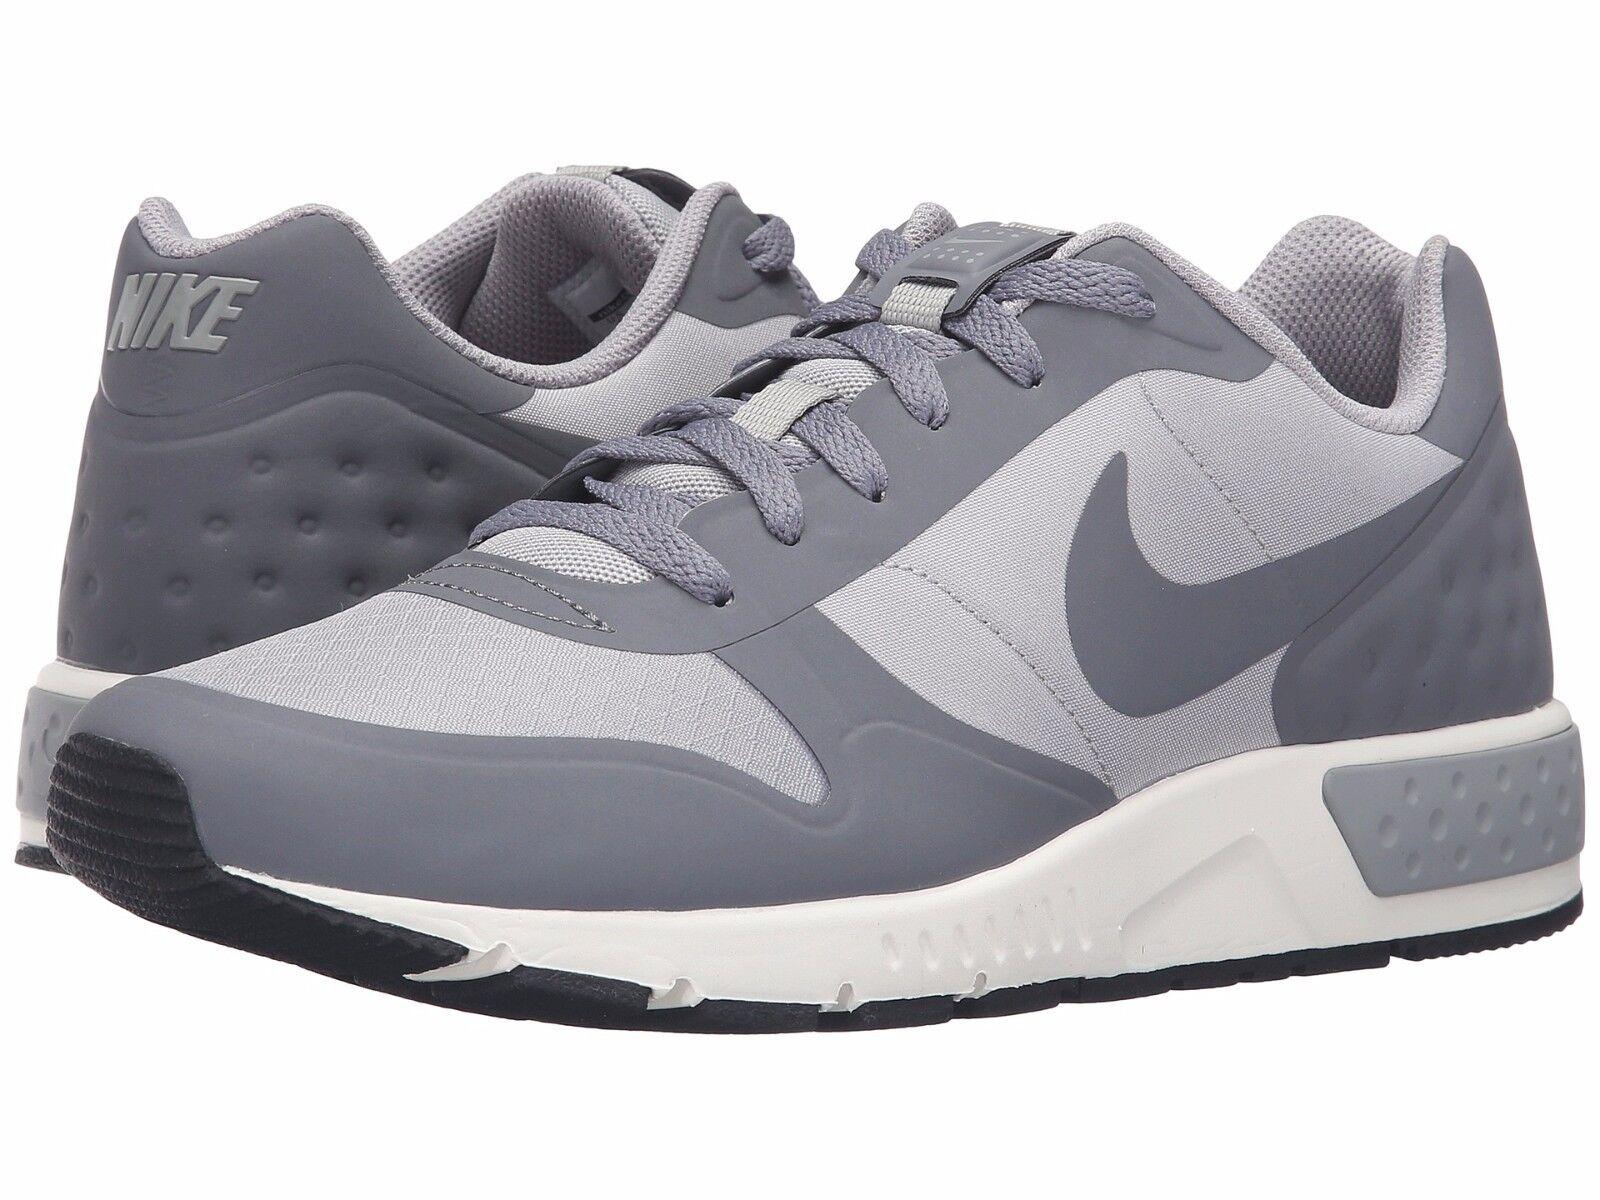 Nike Men's Nightgazer LW Lifestyle Shoes  Matte Silver-Sail-Cool Grey Size 10